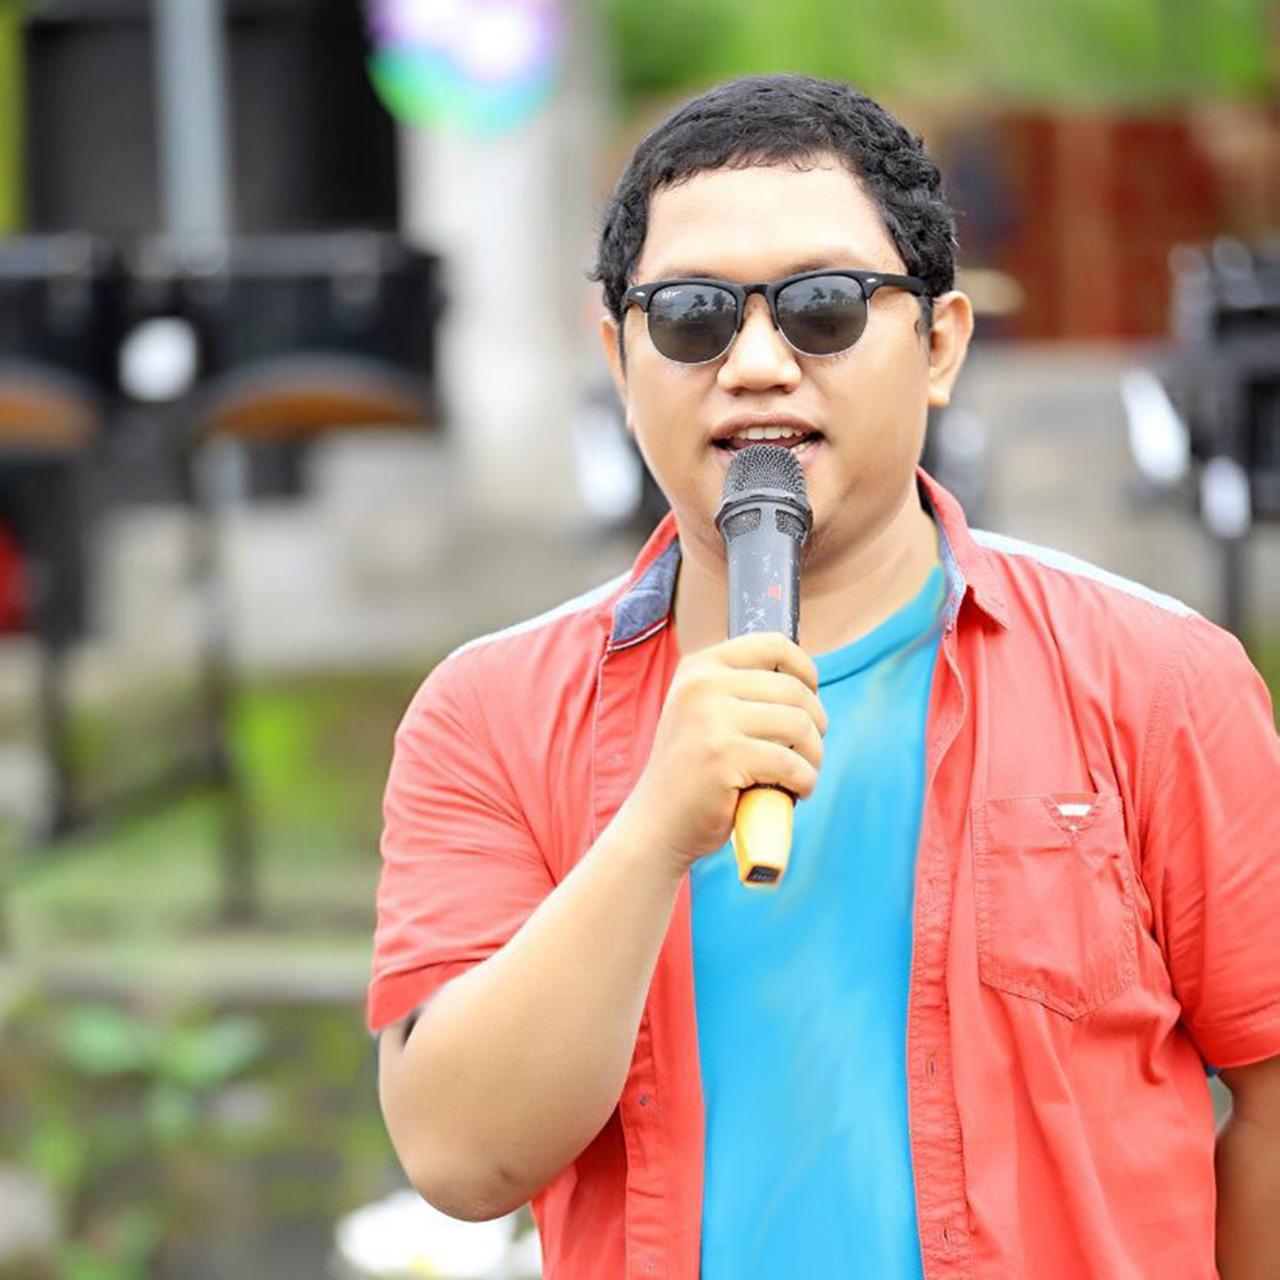 Rizki Arief